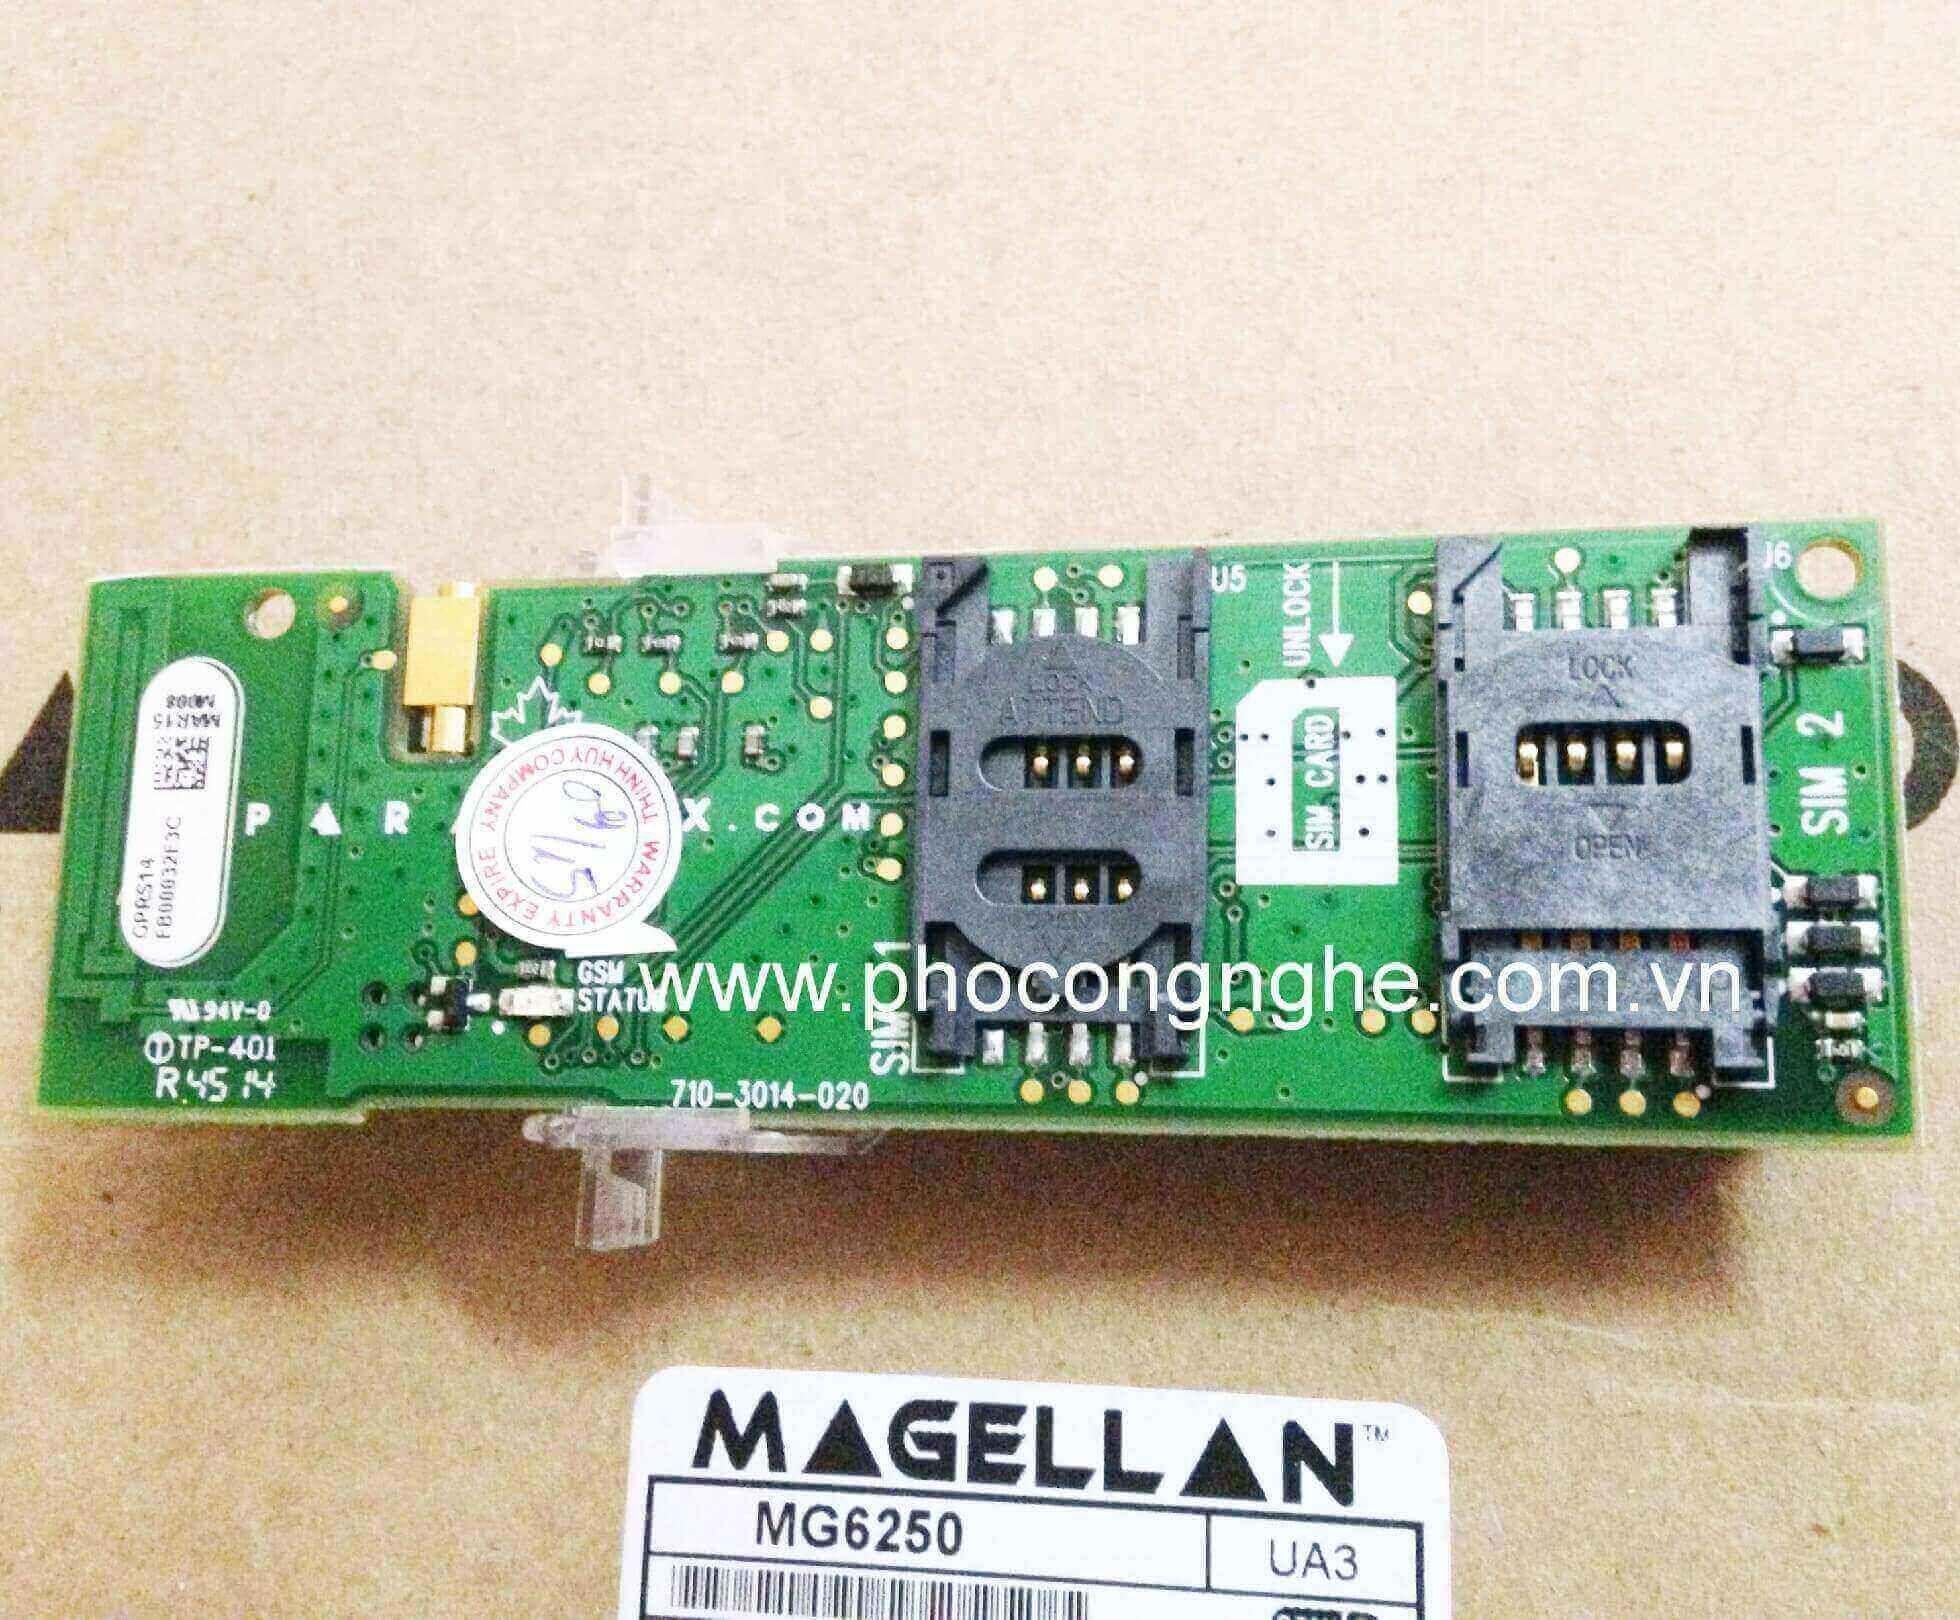 Module gắn SIM Paradox GPRS14 cho MG6250